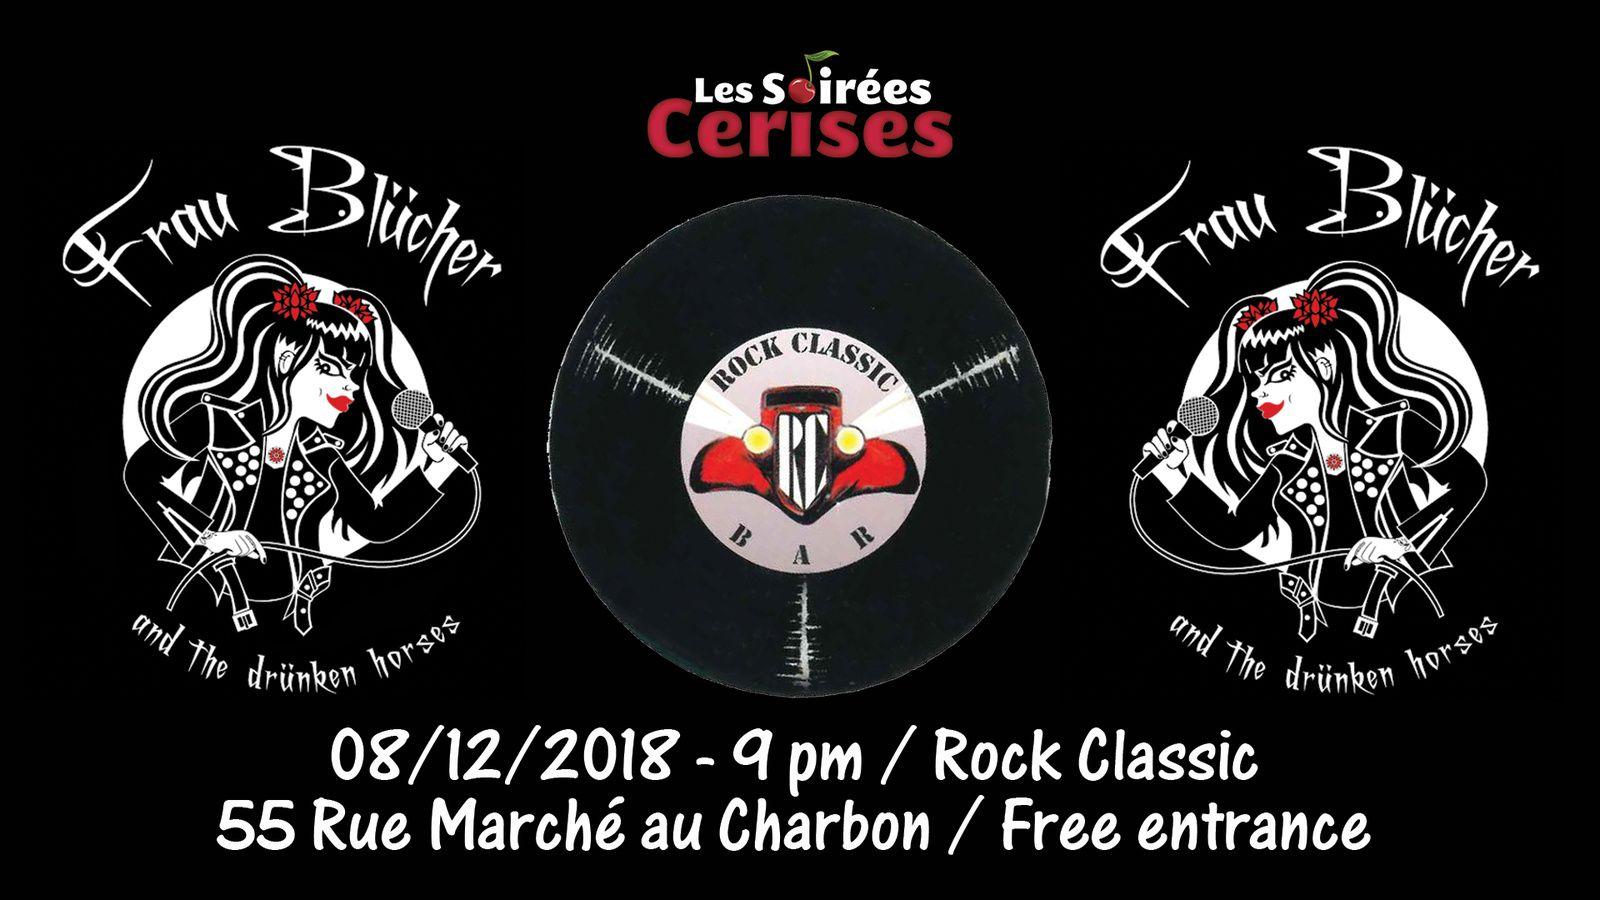 ▶ Frau Blücher and the drünken horses @ Rock Classic - 08/12/2018 - 21h00 - Entrée gratuite !